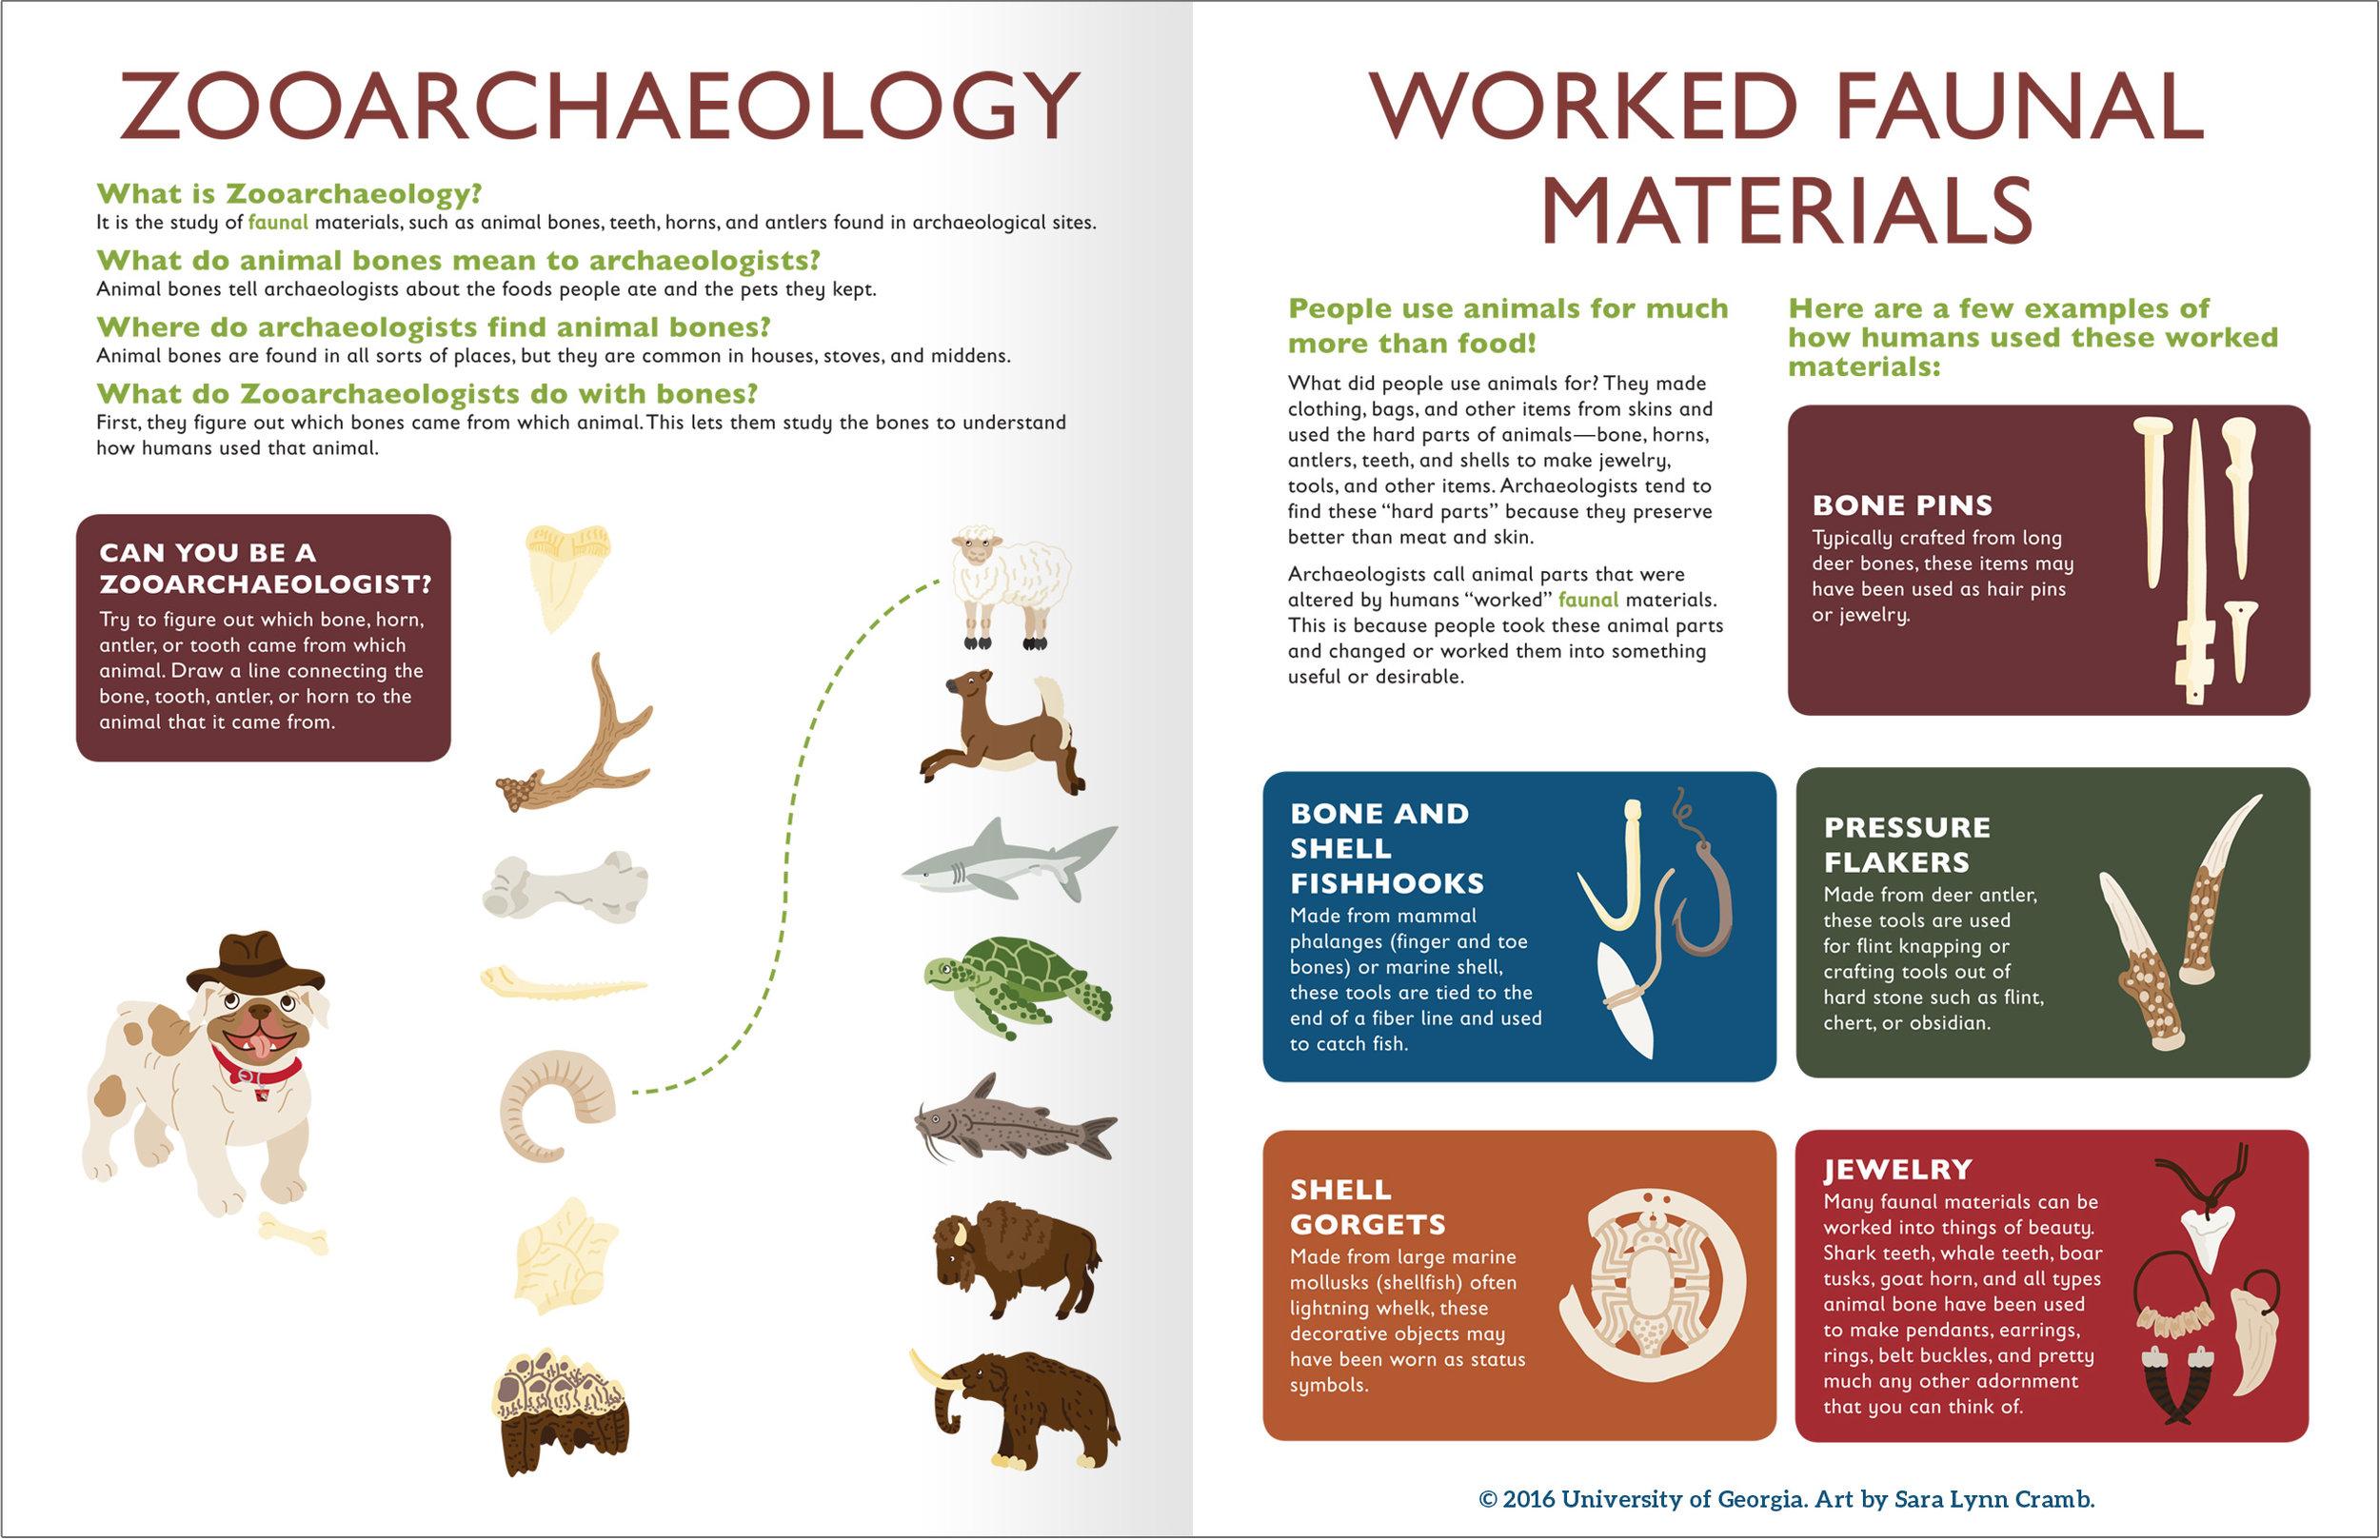 Zooarchaeology